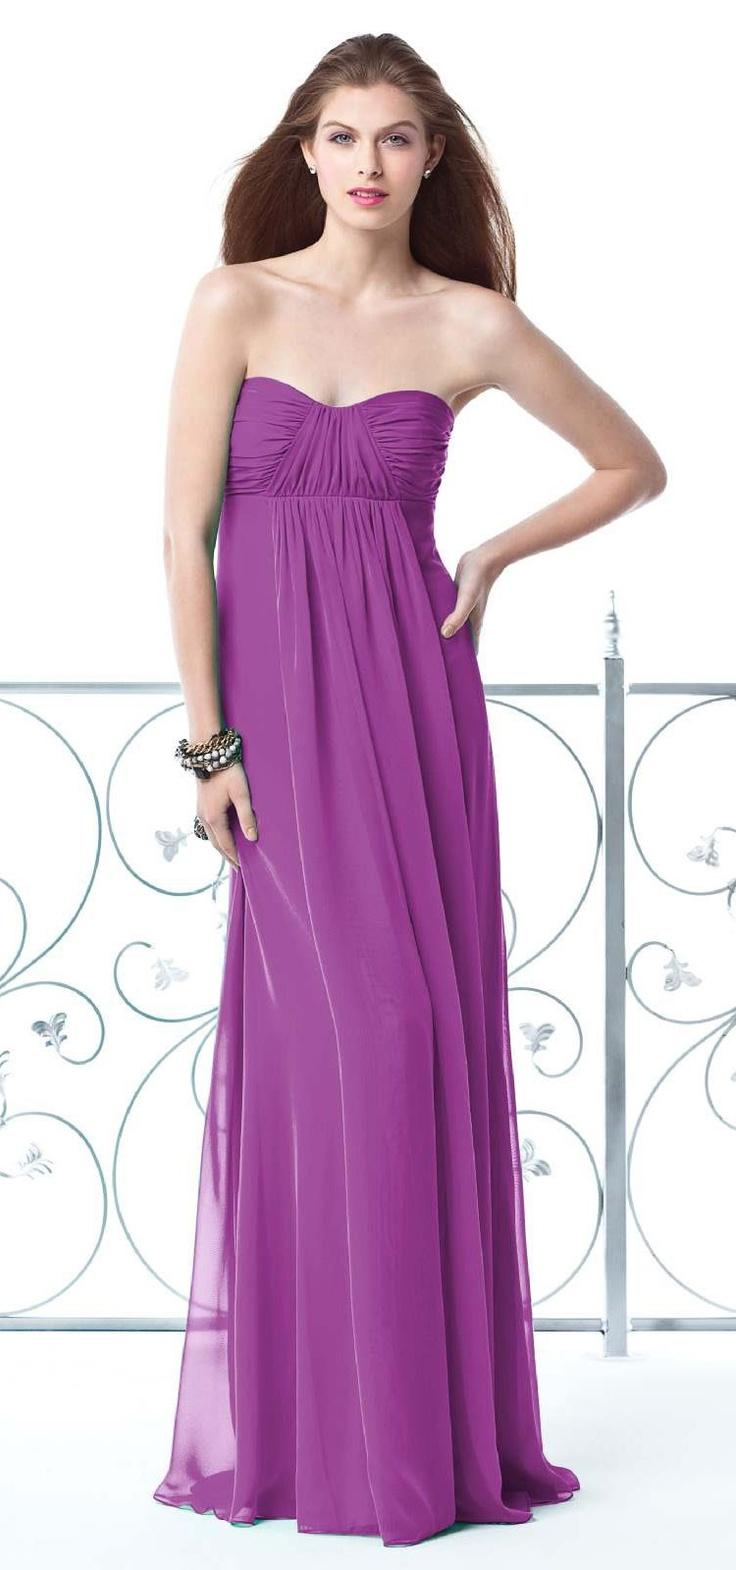 101 best tango dress images on Pinterest | Nice dresses, Dress skirt ...